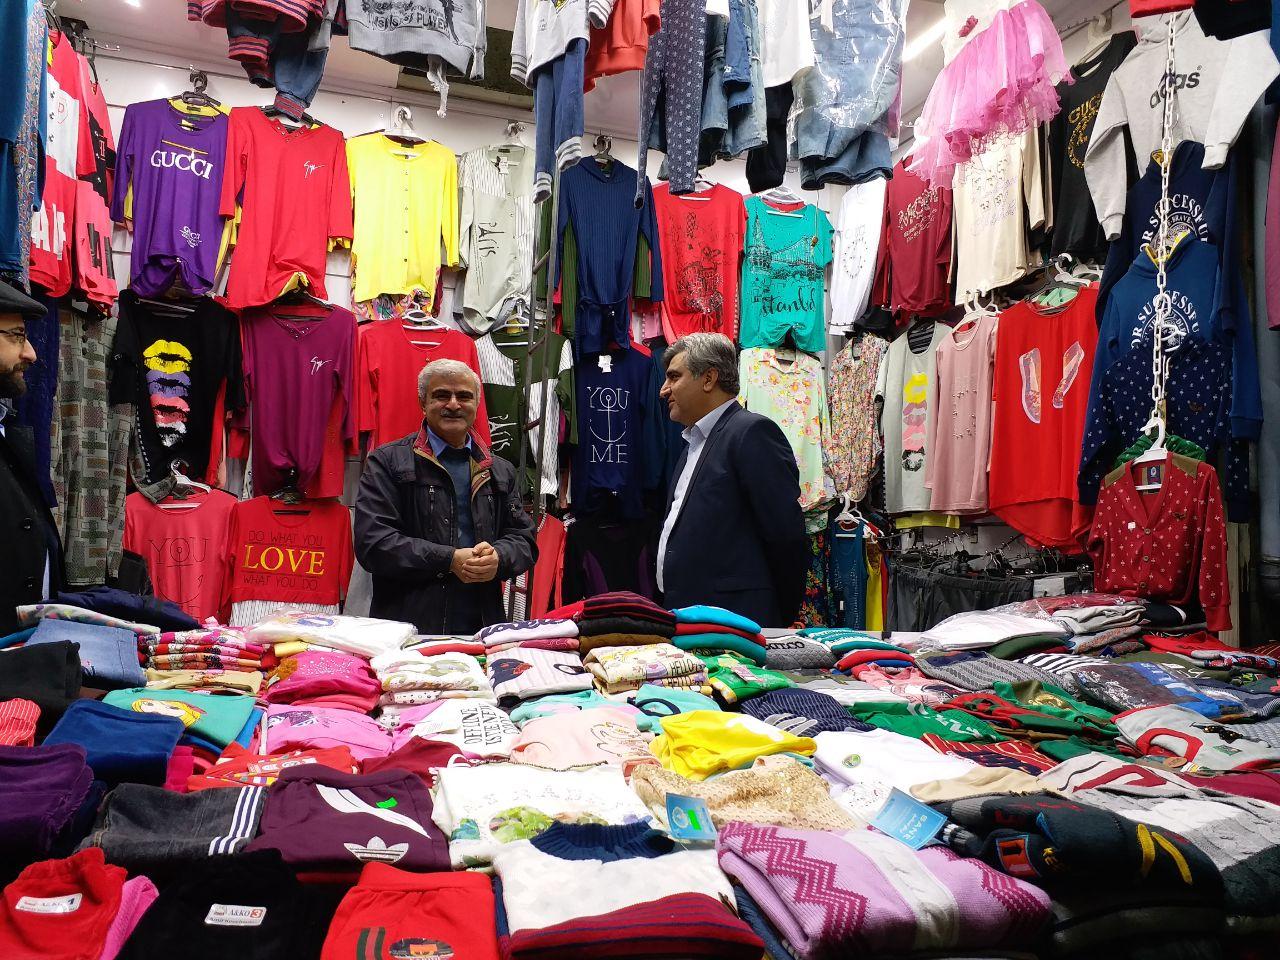 حضور سرزده و بدون تشریفات استاندار گیلان در بازار رشت